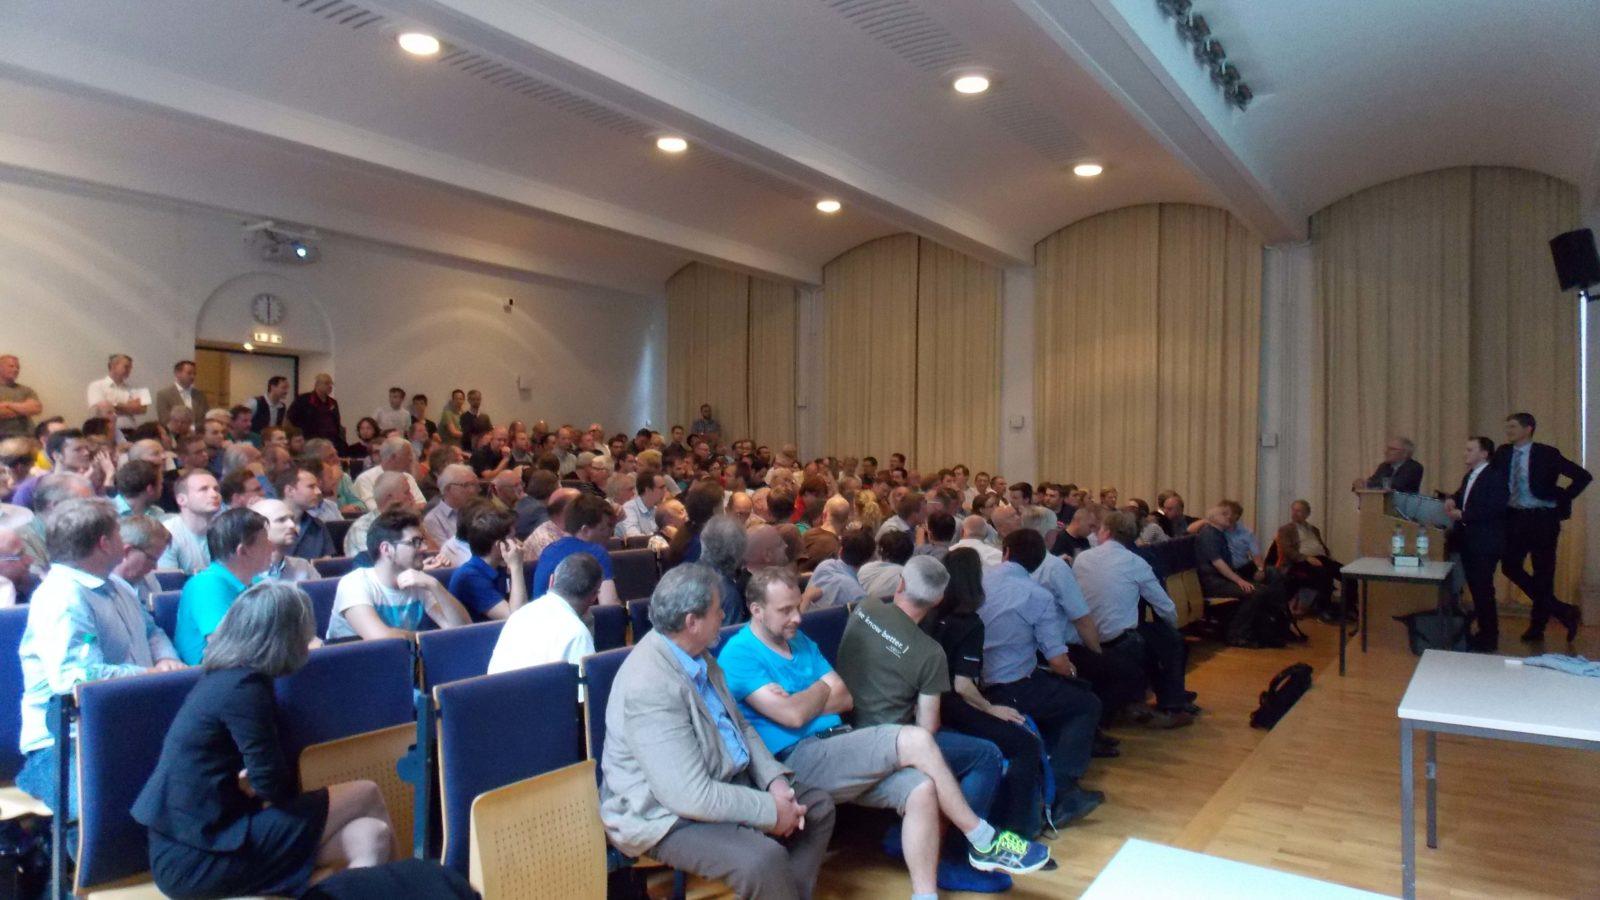 Voller Hörsaal: Zur Präsentation der Baureihe 482 der Berliner S-Bahn Ende Juni kamen nicht nur die Studenten. Auch externe Besucher füllen die Reihen im Fachgebiet Schienenfahrzeuge der TU Berlin.